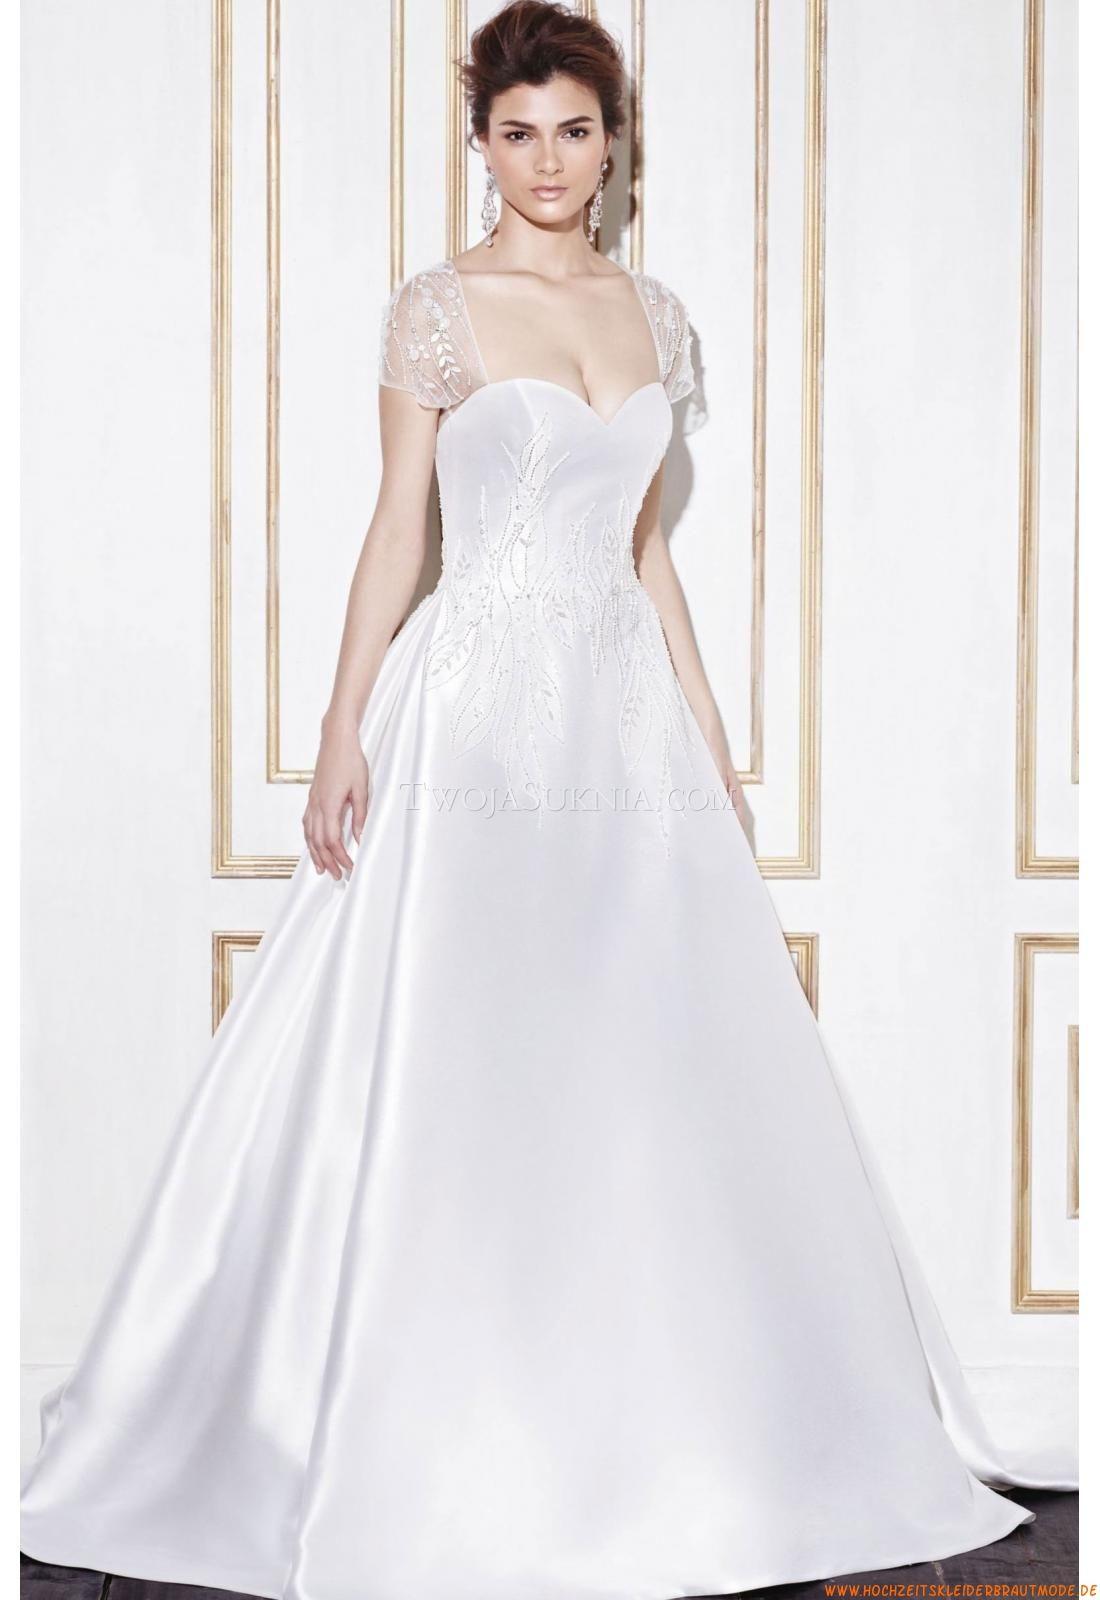 Kolumne Brautkleider 2014 | Brautkleider prinzessin | Pinterest ...